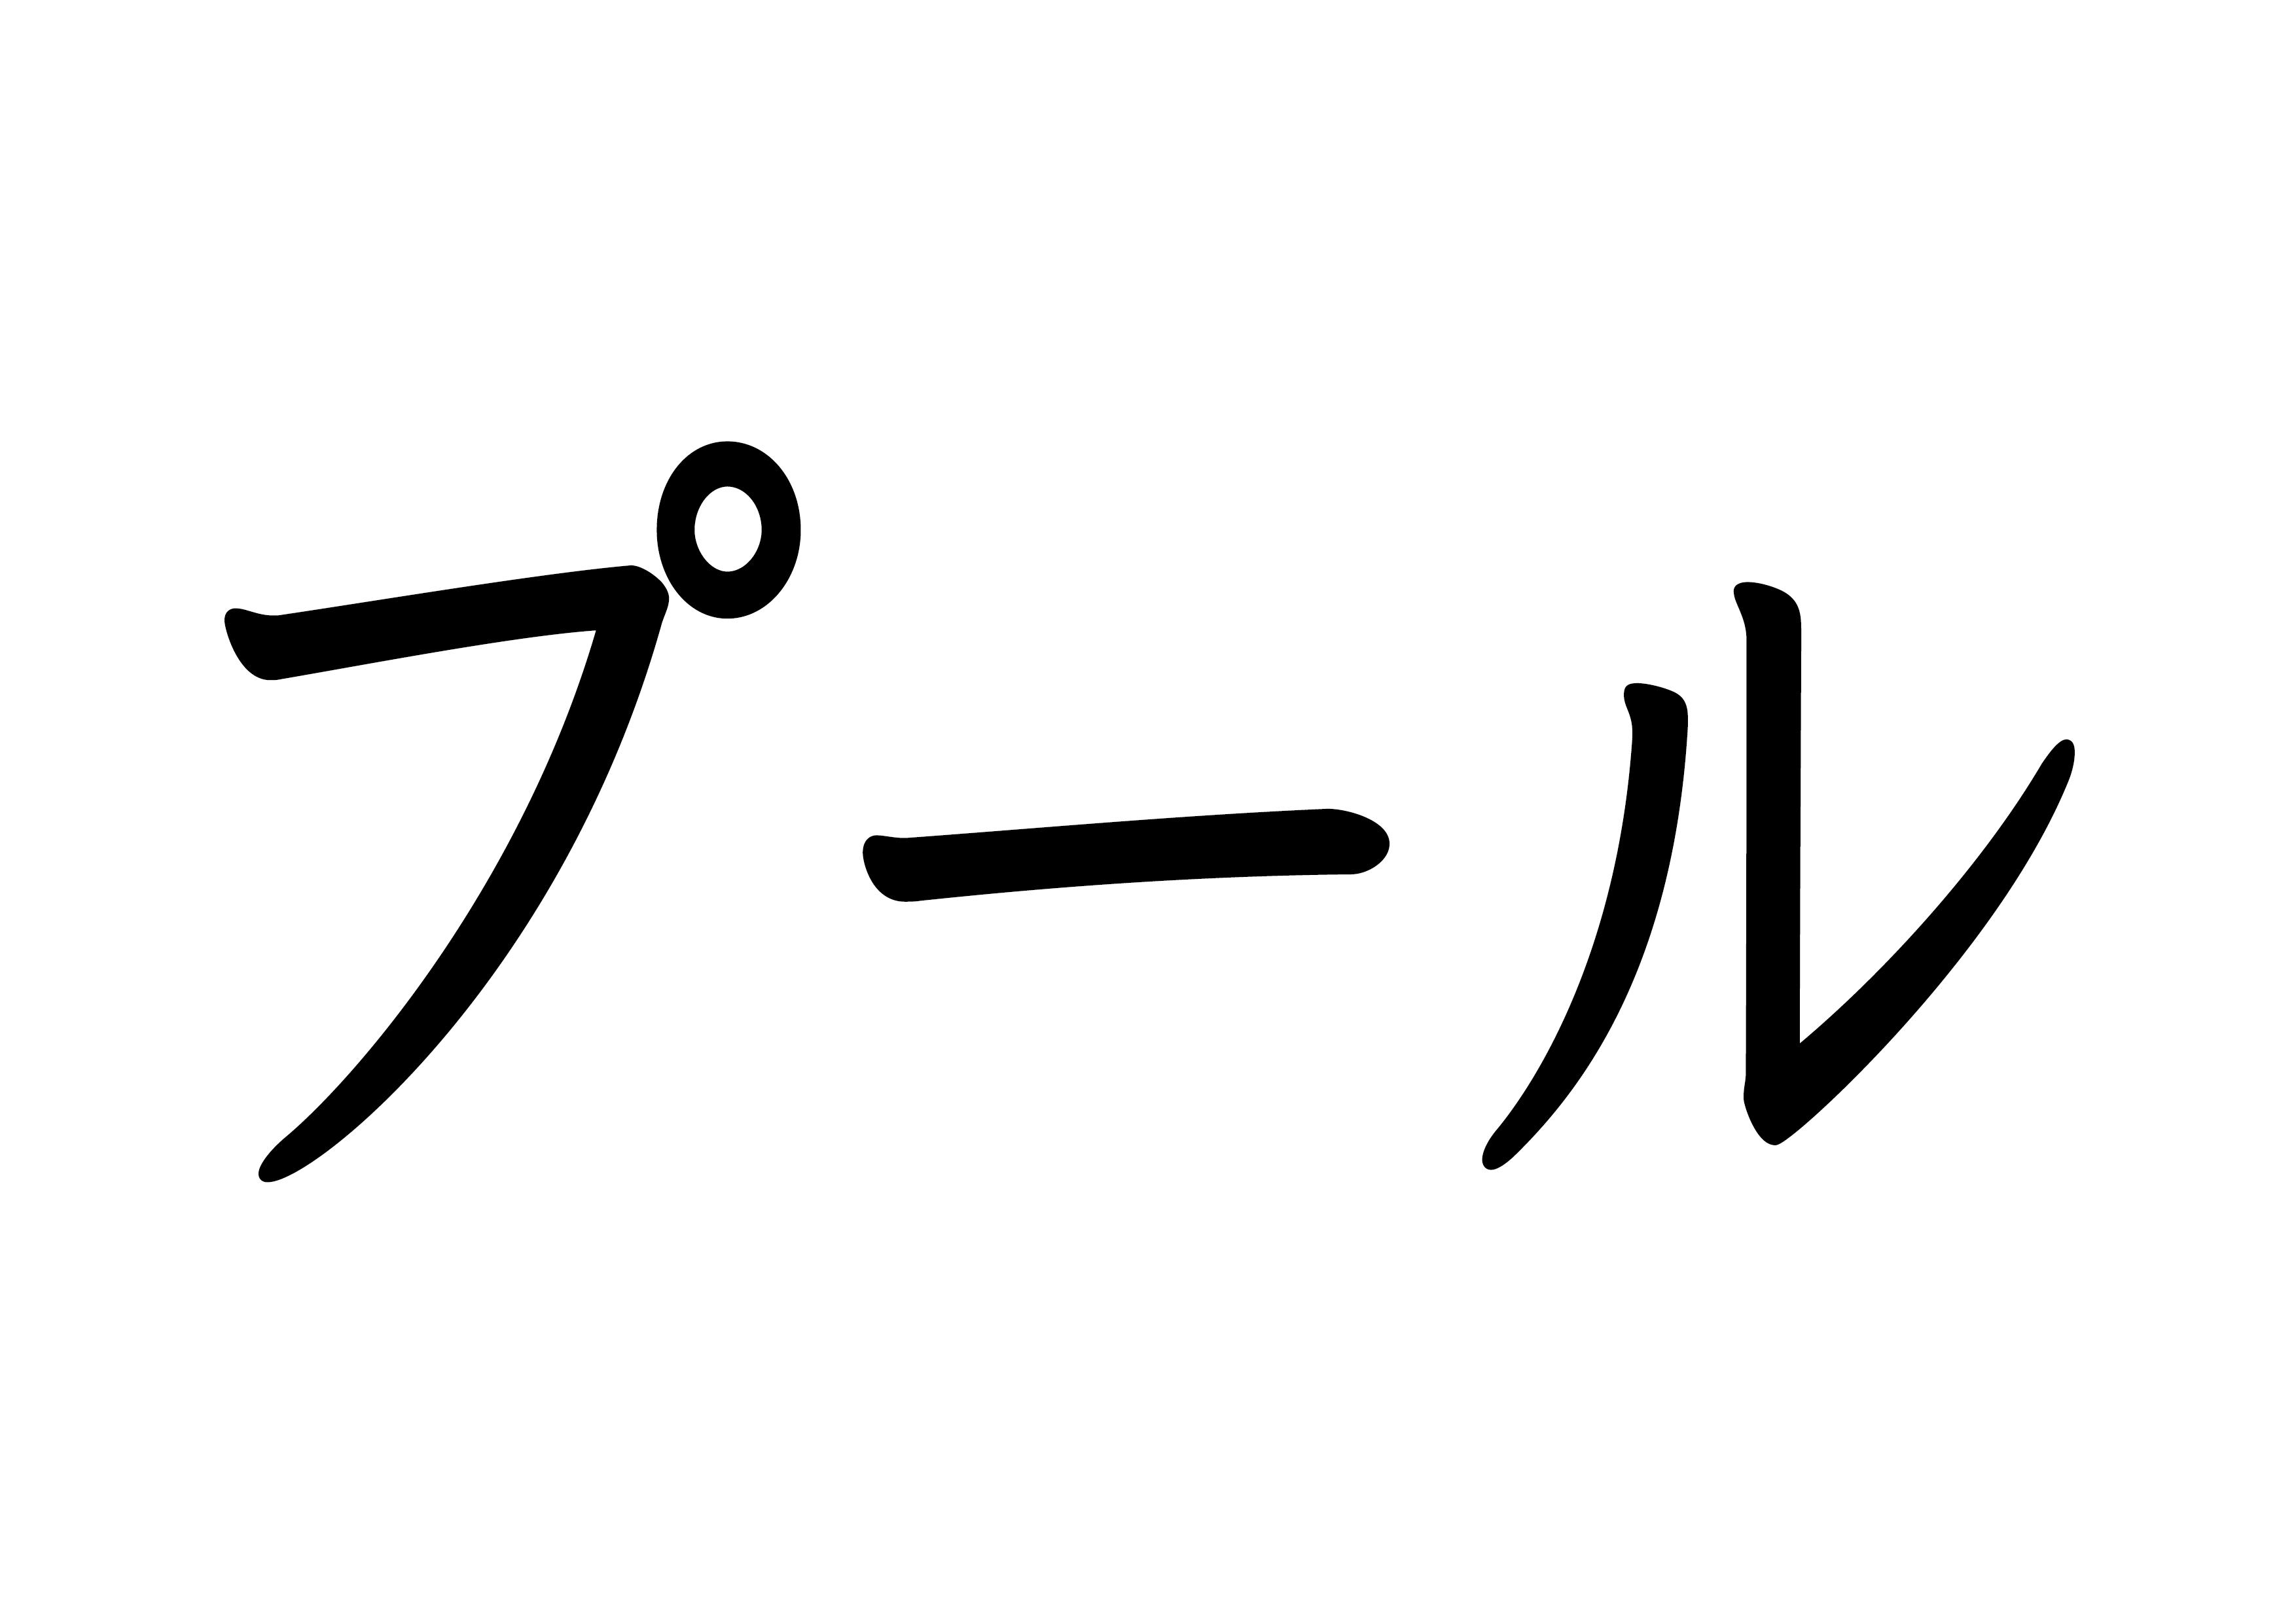 カタカナ【プール】